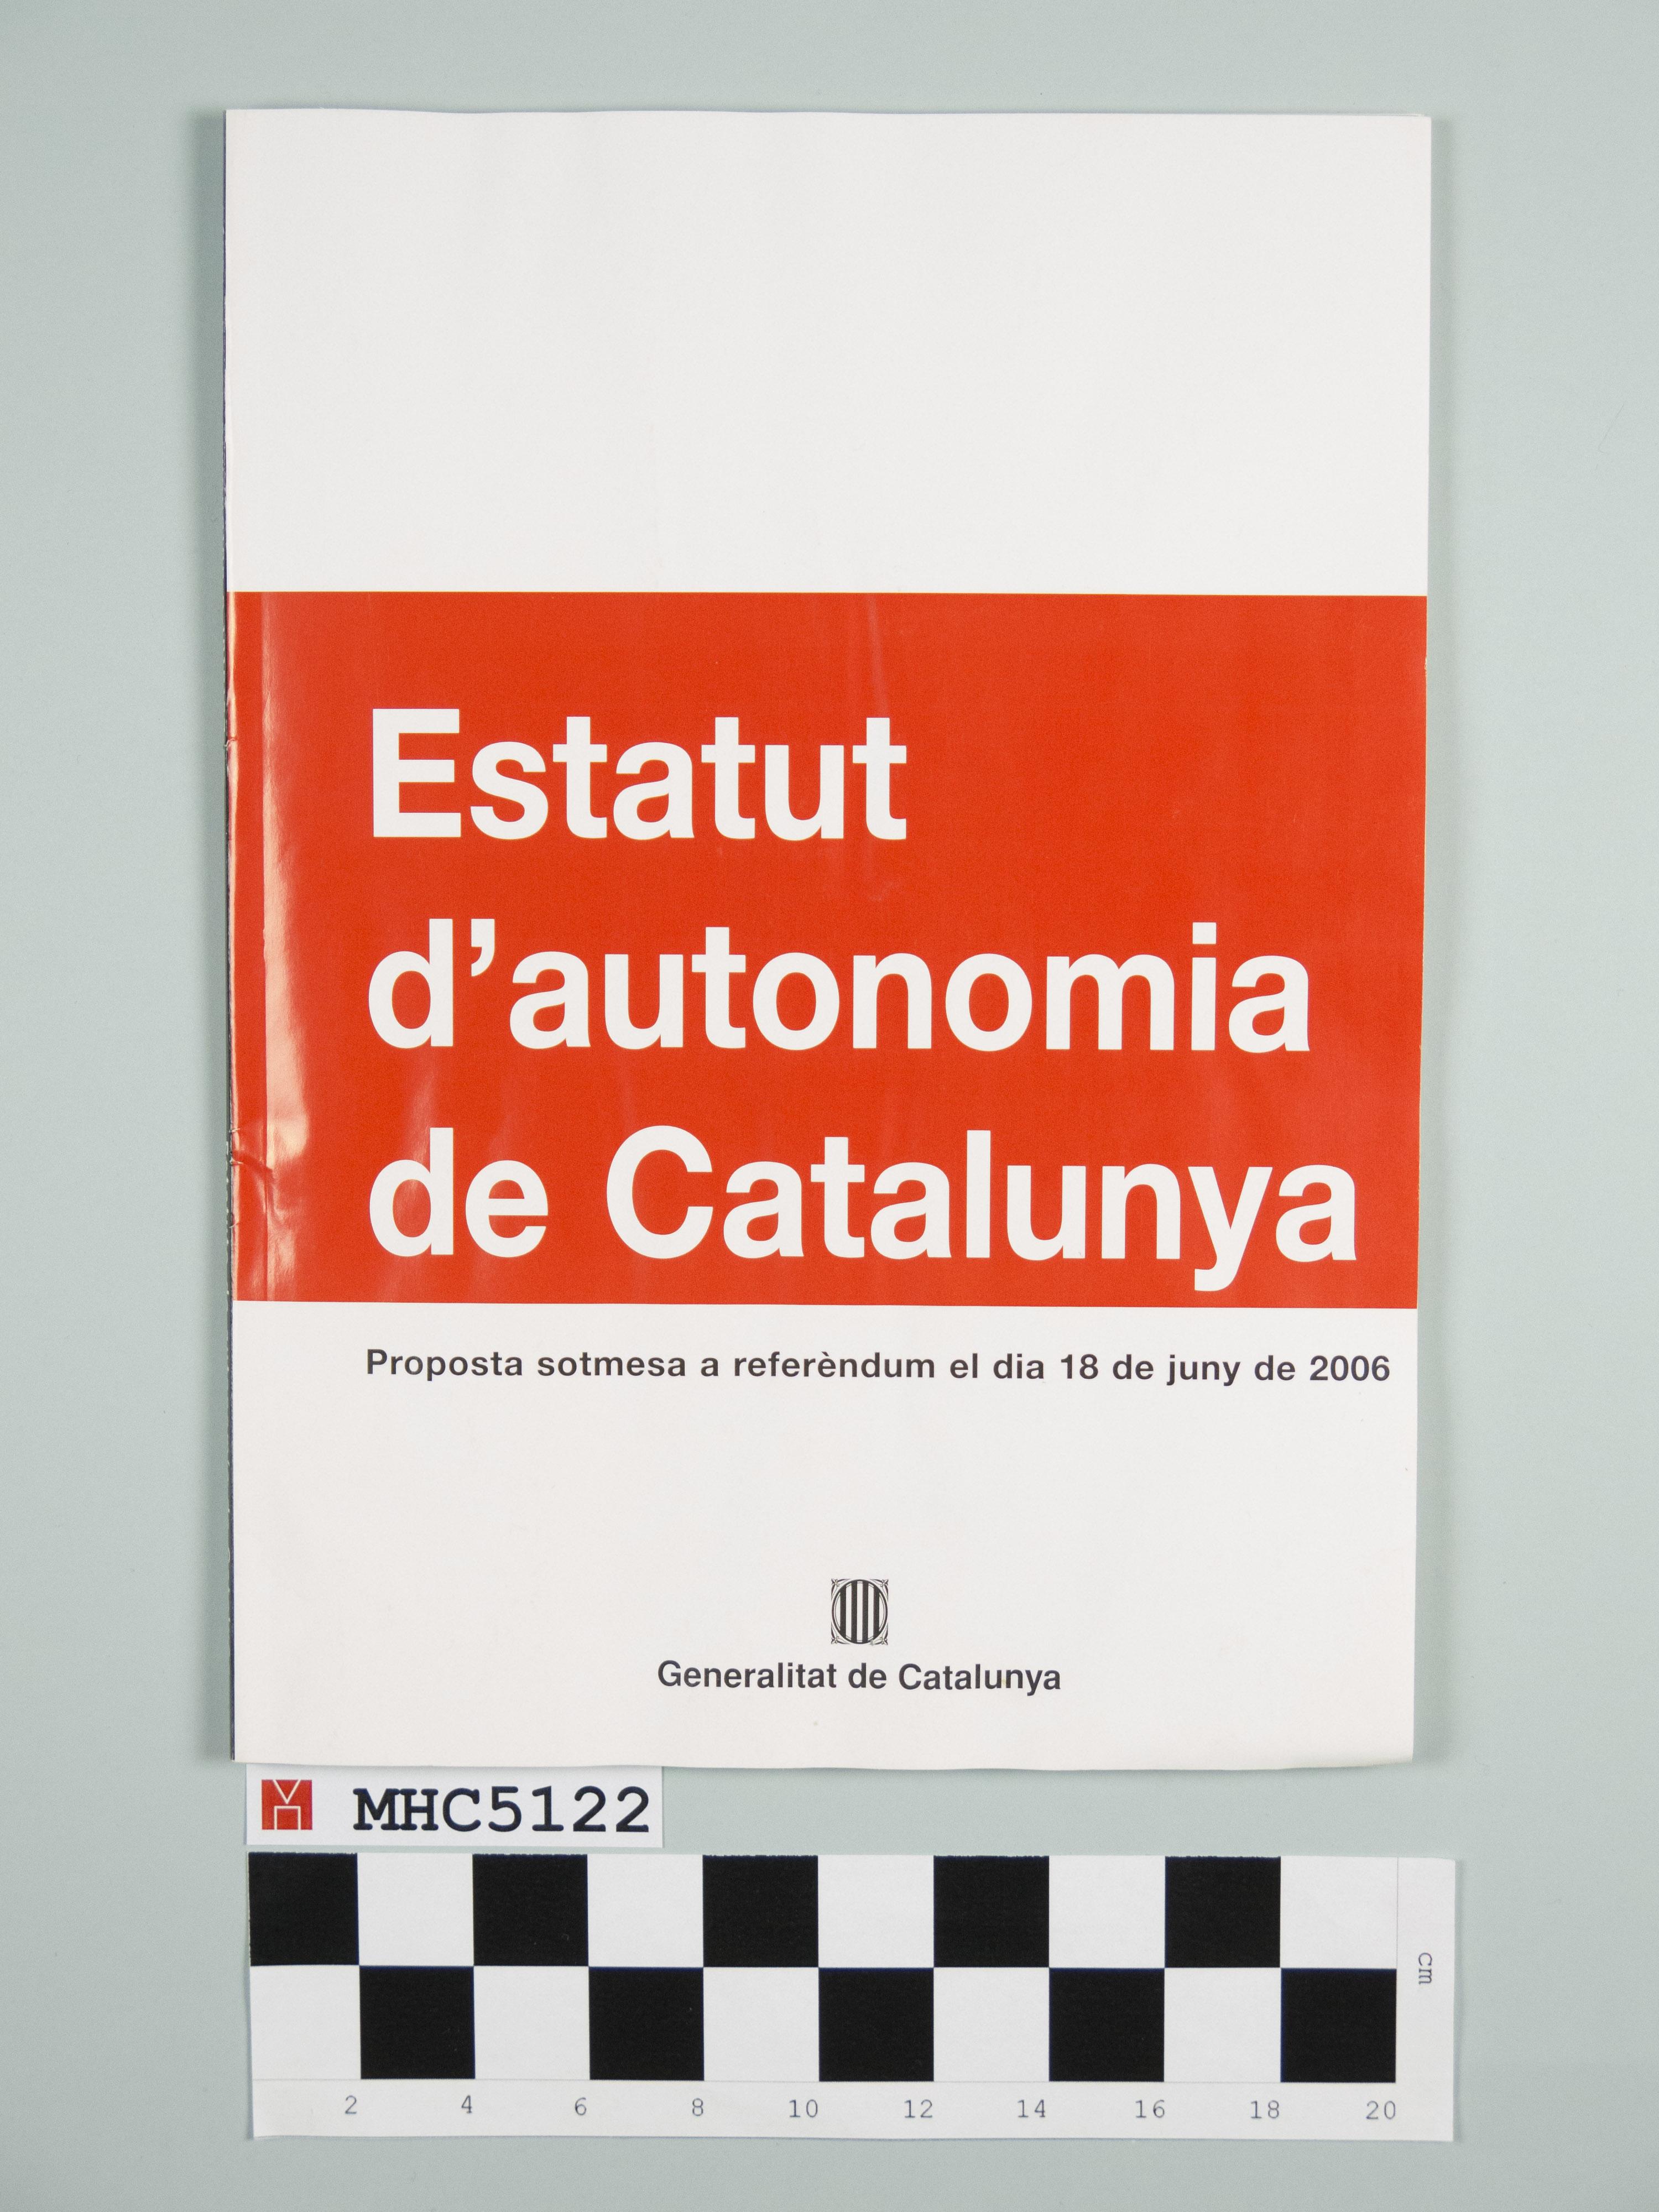 Estatut d'autonomia de Catalunya. Proposta sotmès a referèndum el dia 18 de juny de 2006.